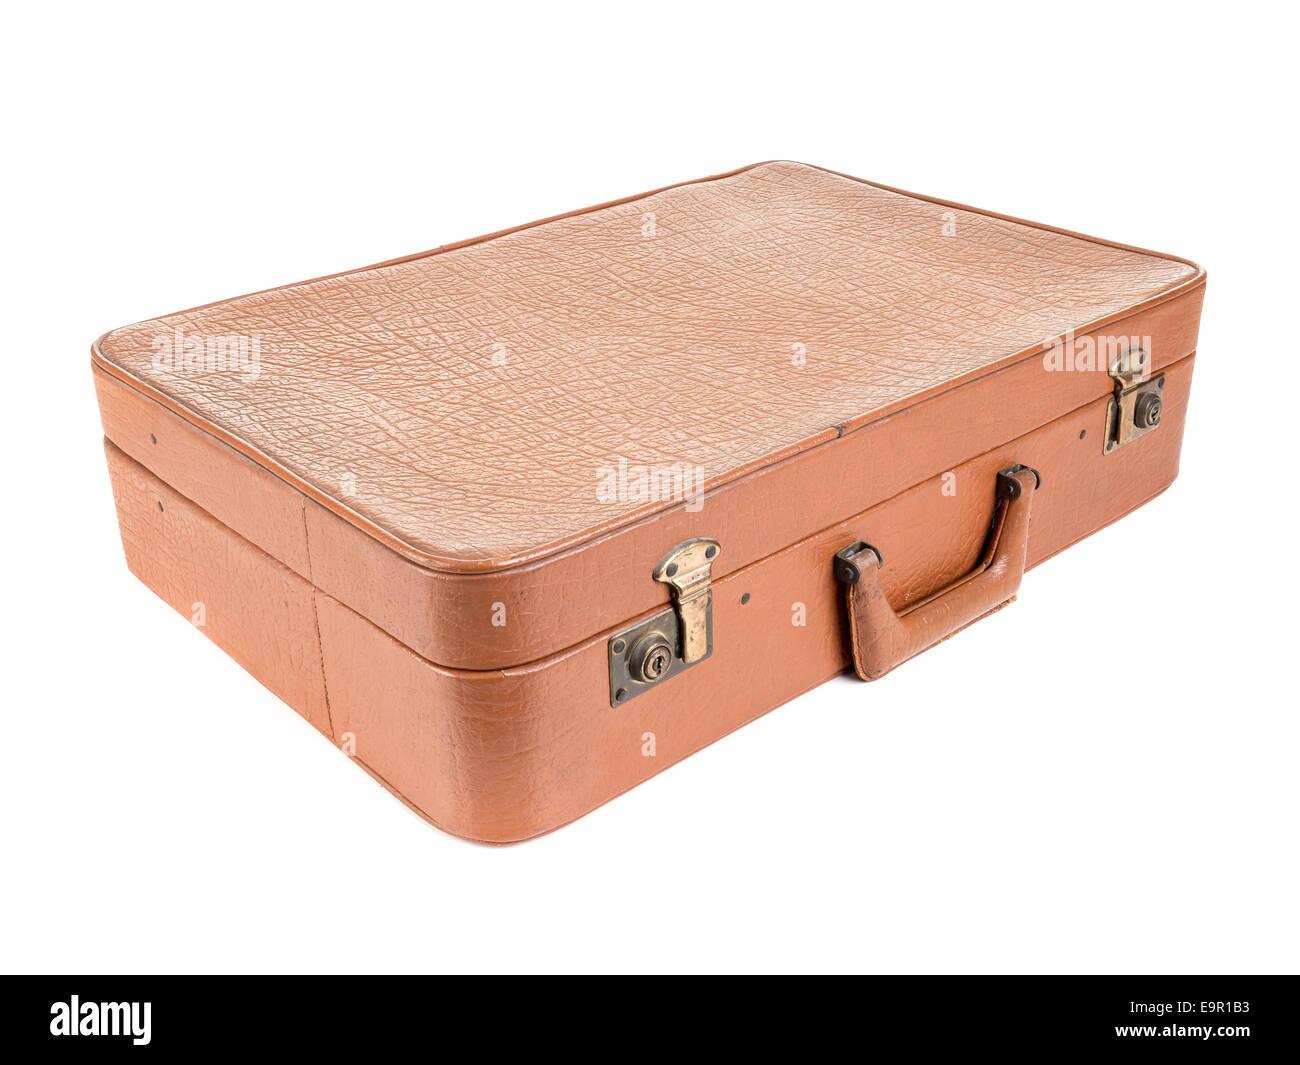 Classic leather suitcase shot on white background - Stock Image